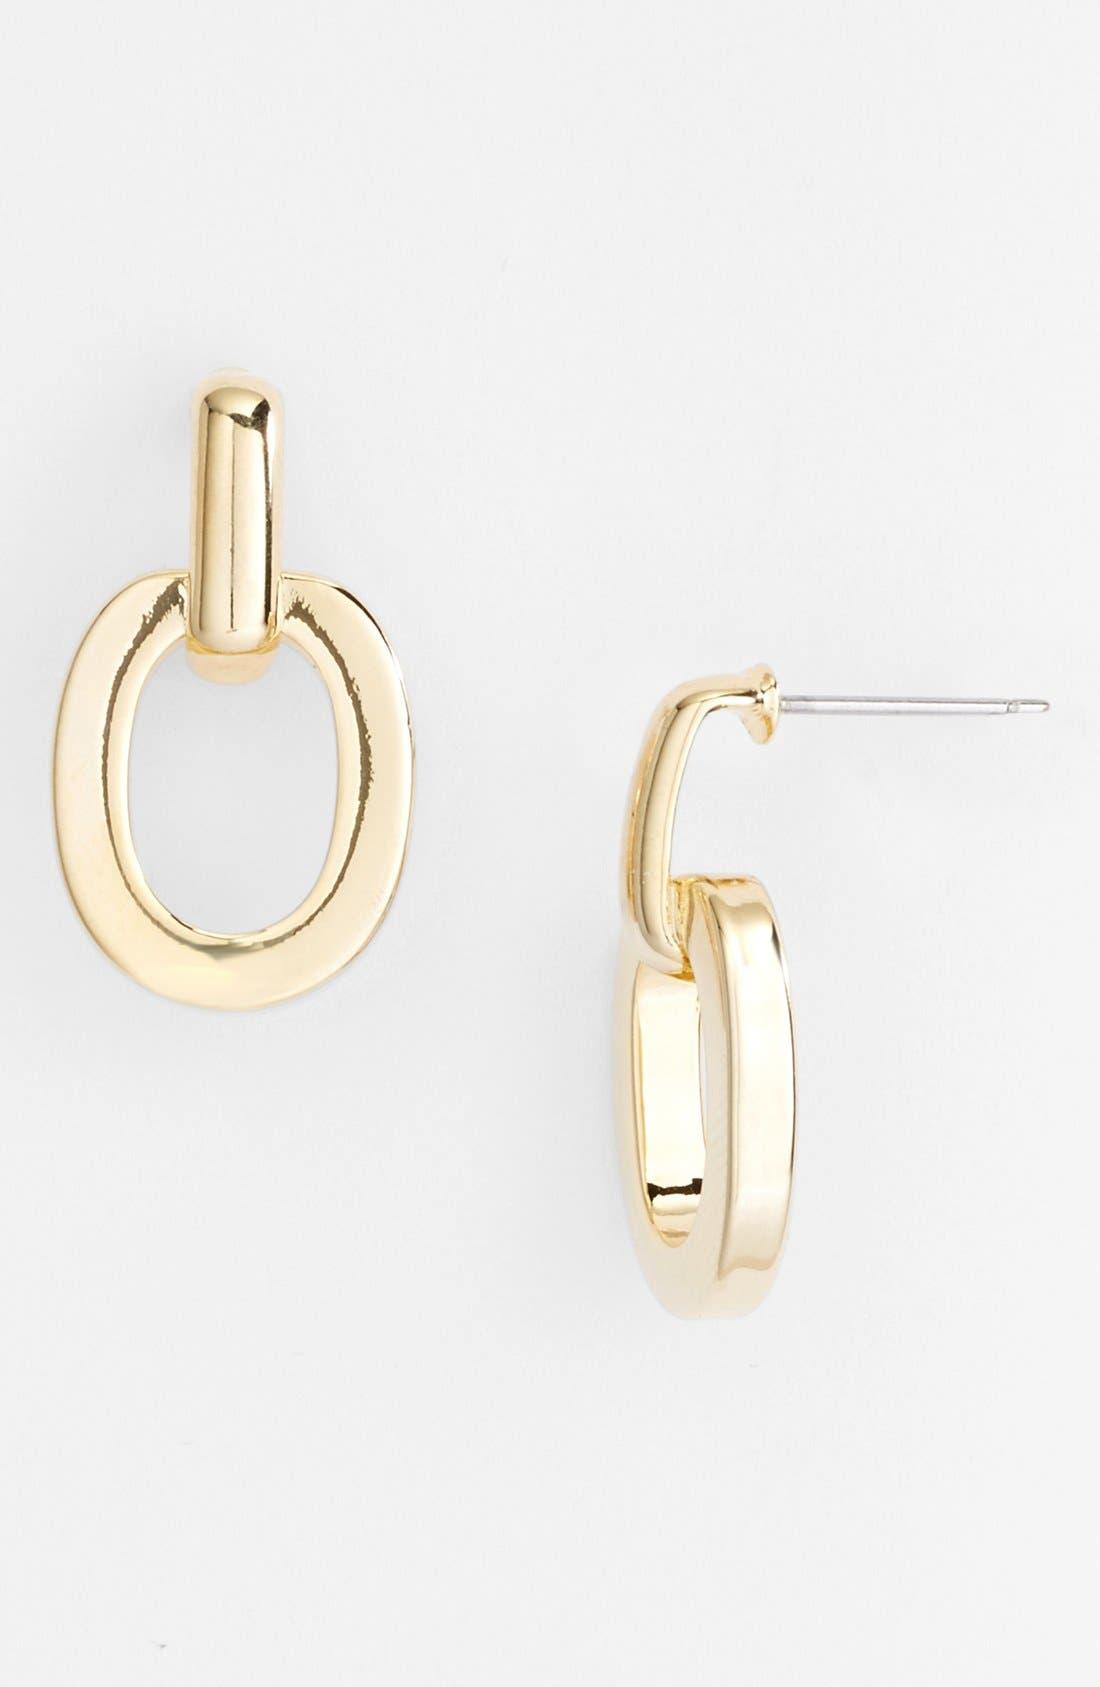 Alternate Image 1 Selected - Nordstrom 'Equestrian Link' Drop Earrings